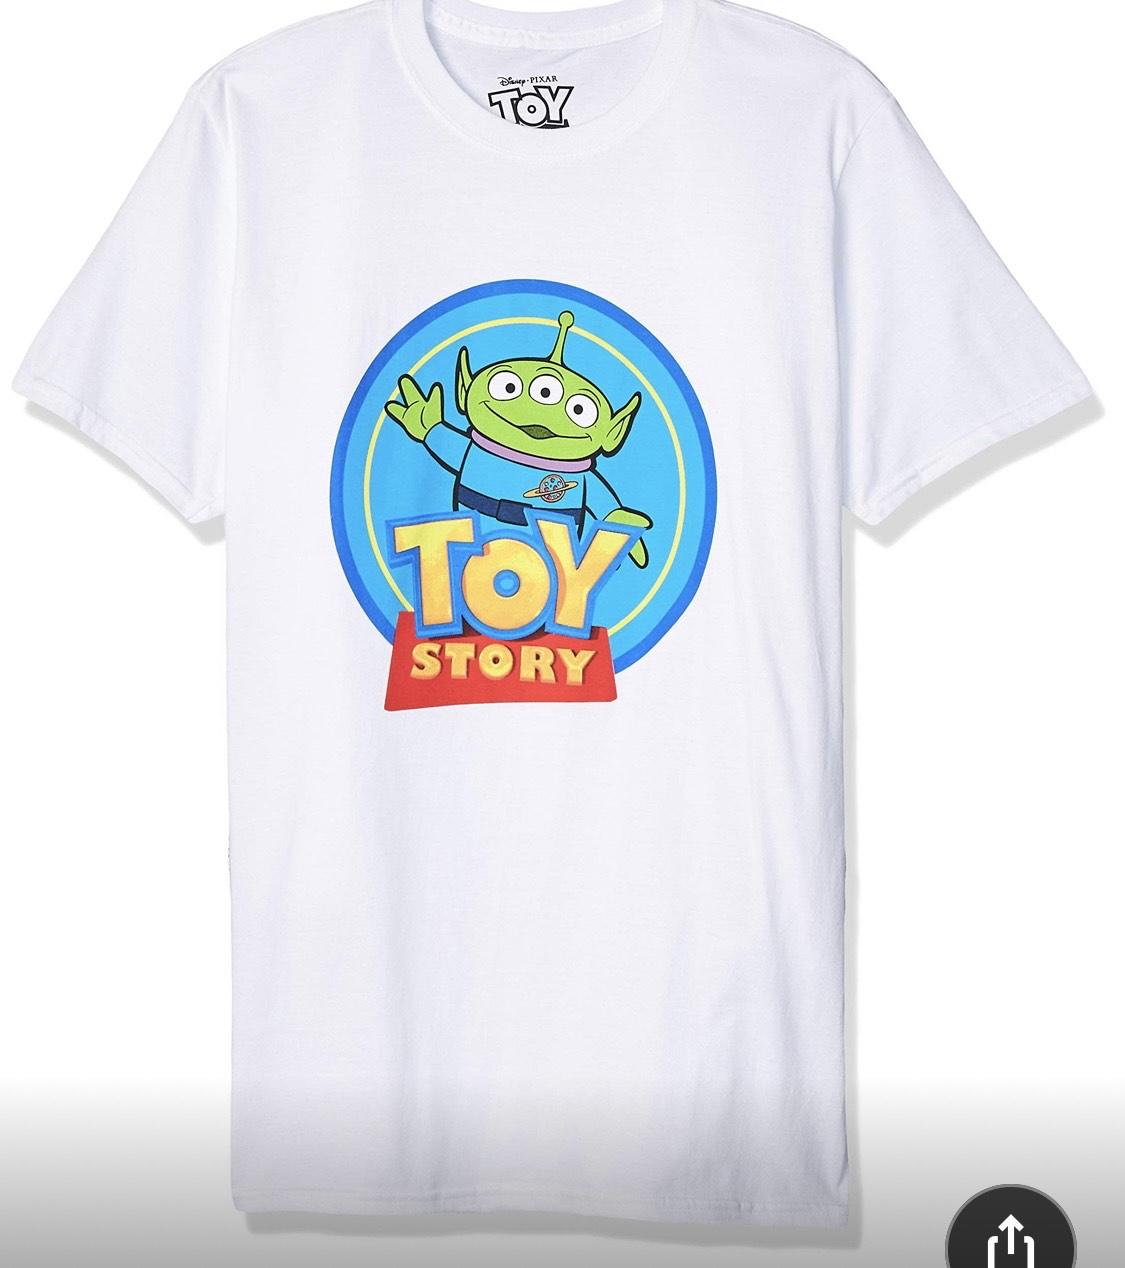 Amazon: Playera Toy Story talla G